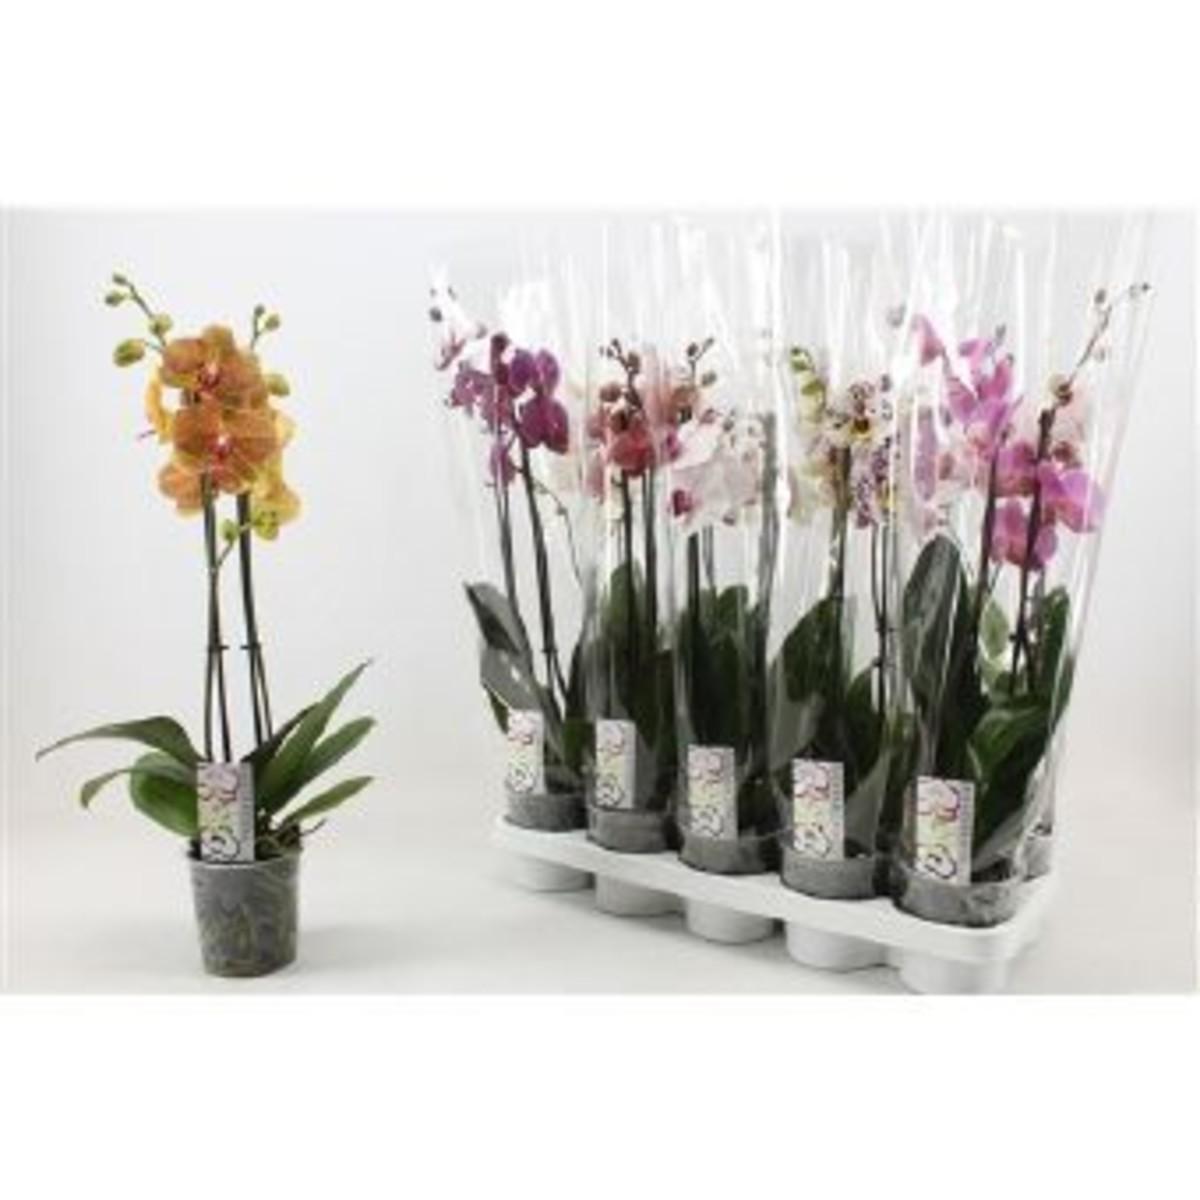 Орхидея Фаленопсис Микс 2Рр D12 H60